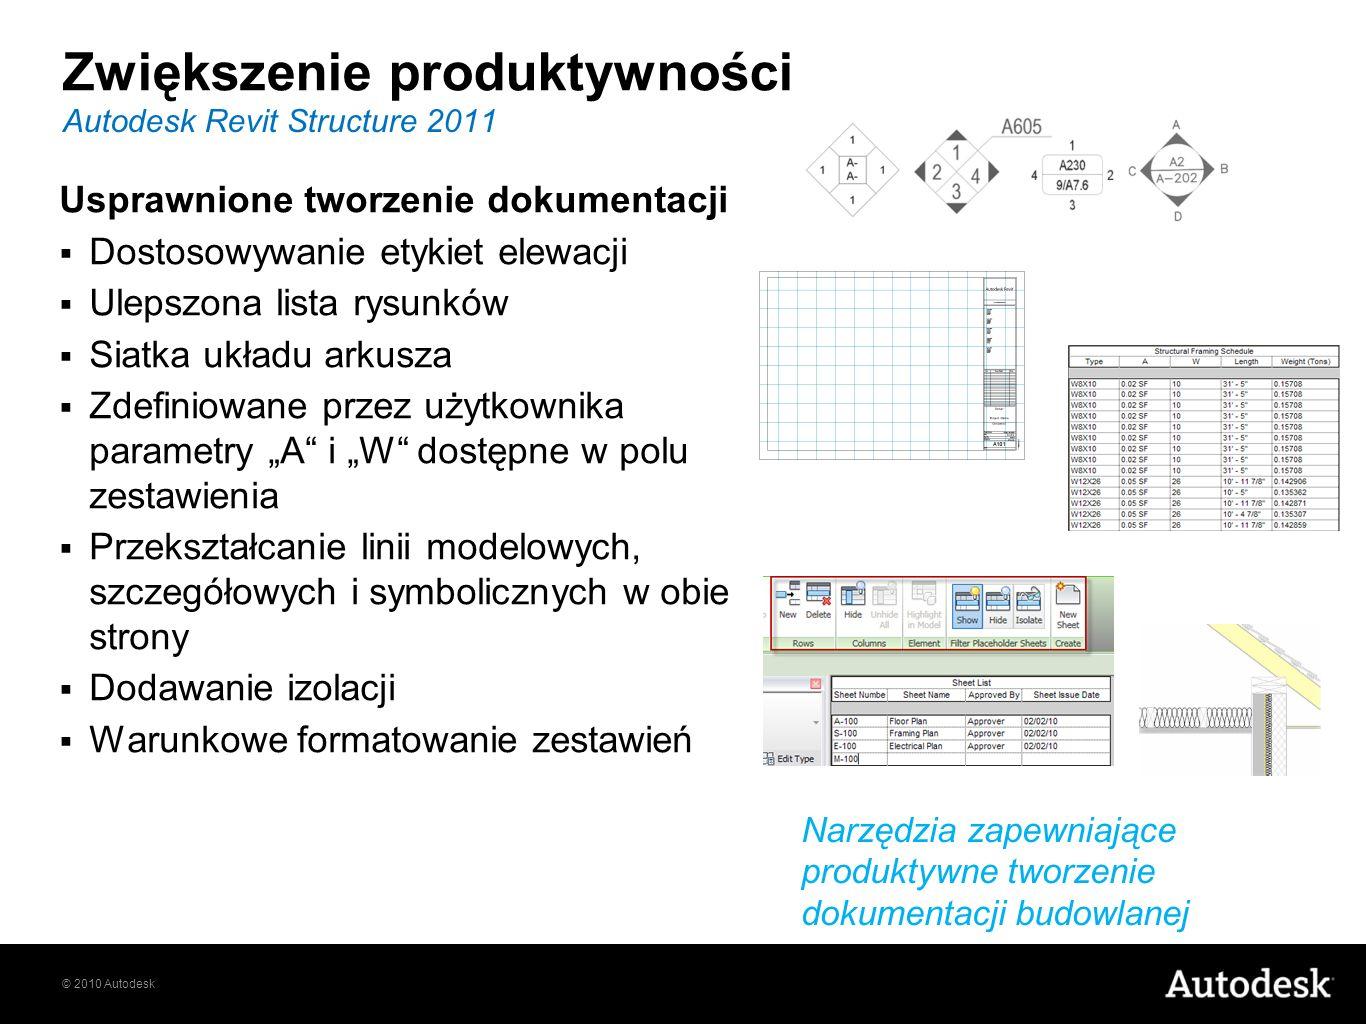 © 2010 Autodesk Autodesk Revit Structure 2011 Usprawnione tworzenie dokumentacji Dostosowywanie etykiet elewacji Ulepszona lista rysunków Siatka układ